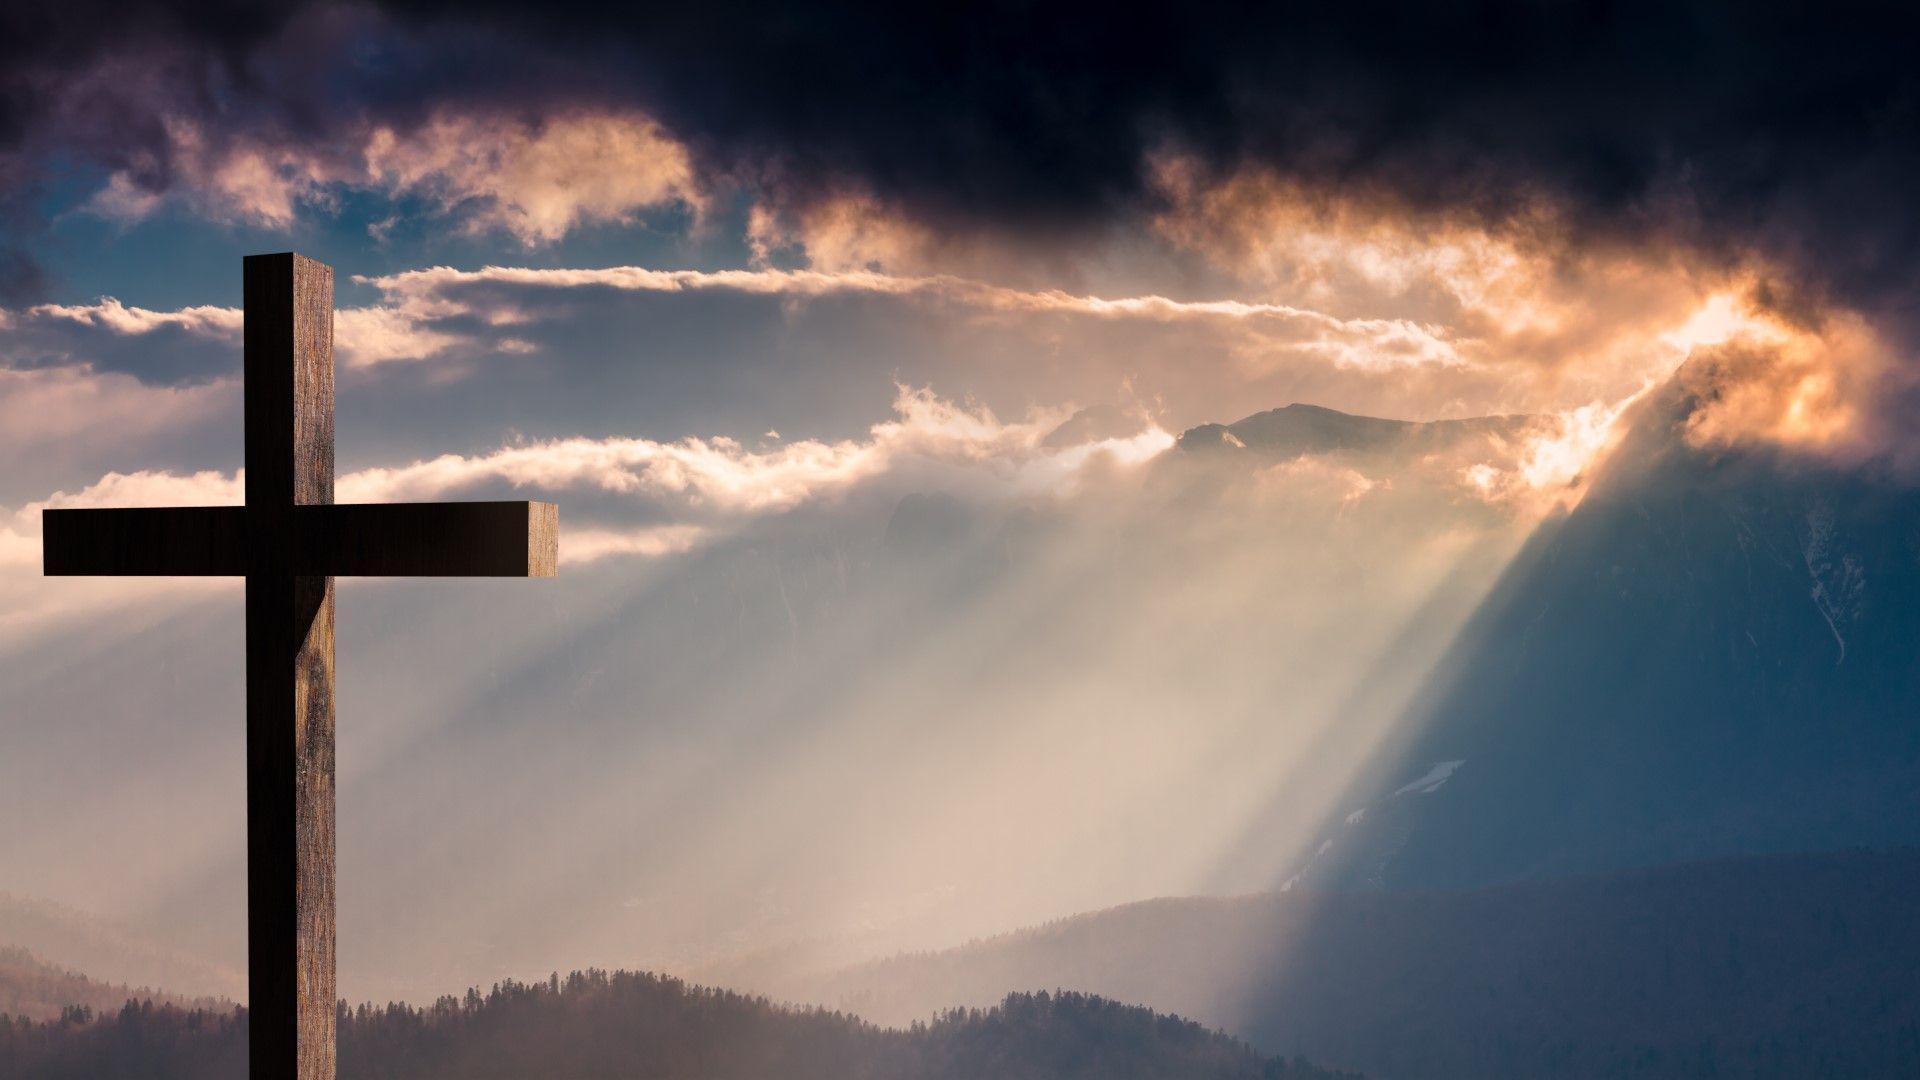 Всички правителствени учреждения  в Бавария от днес трябва да сложат  християнски кръстове